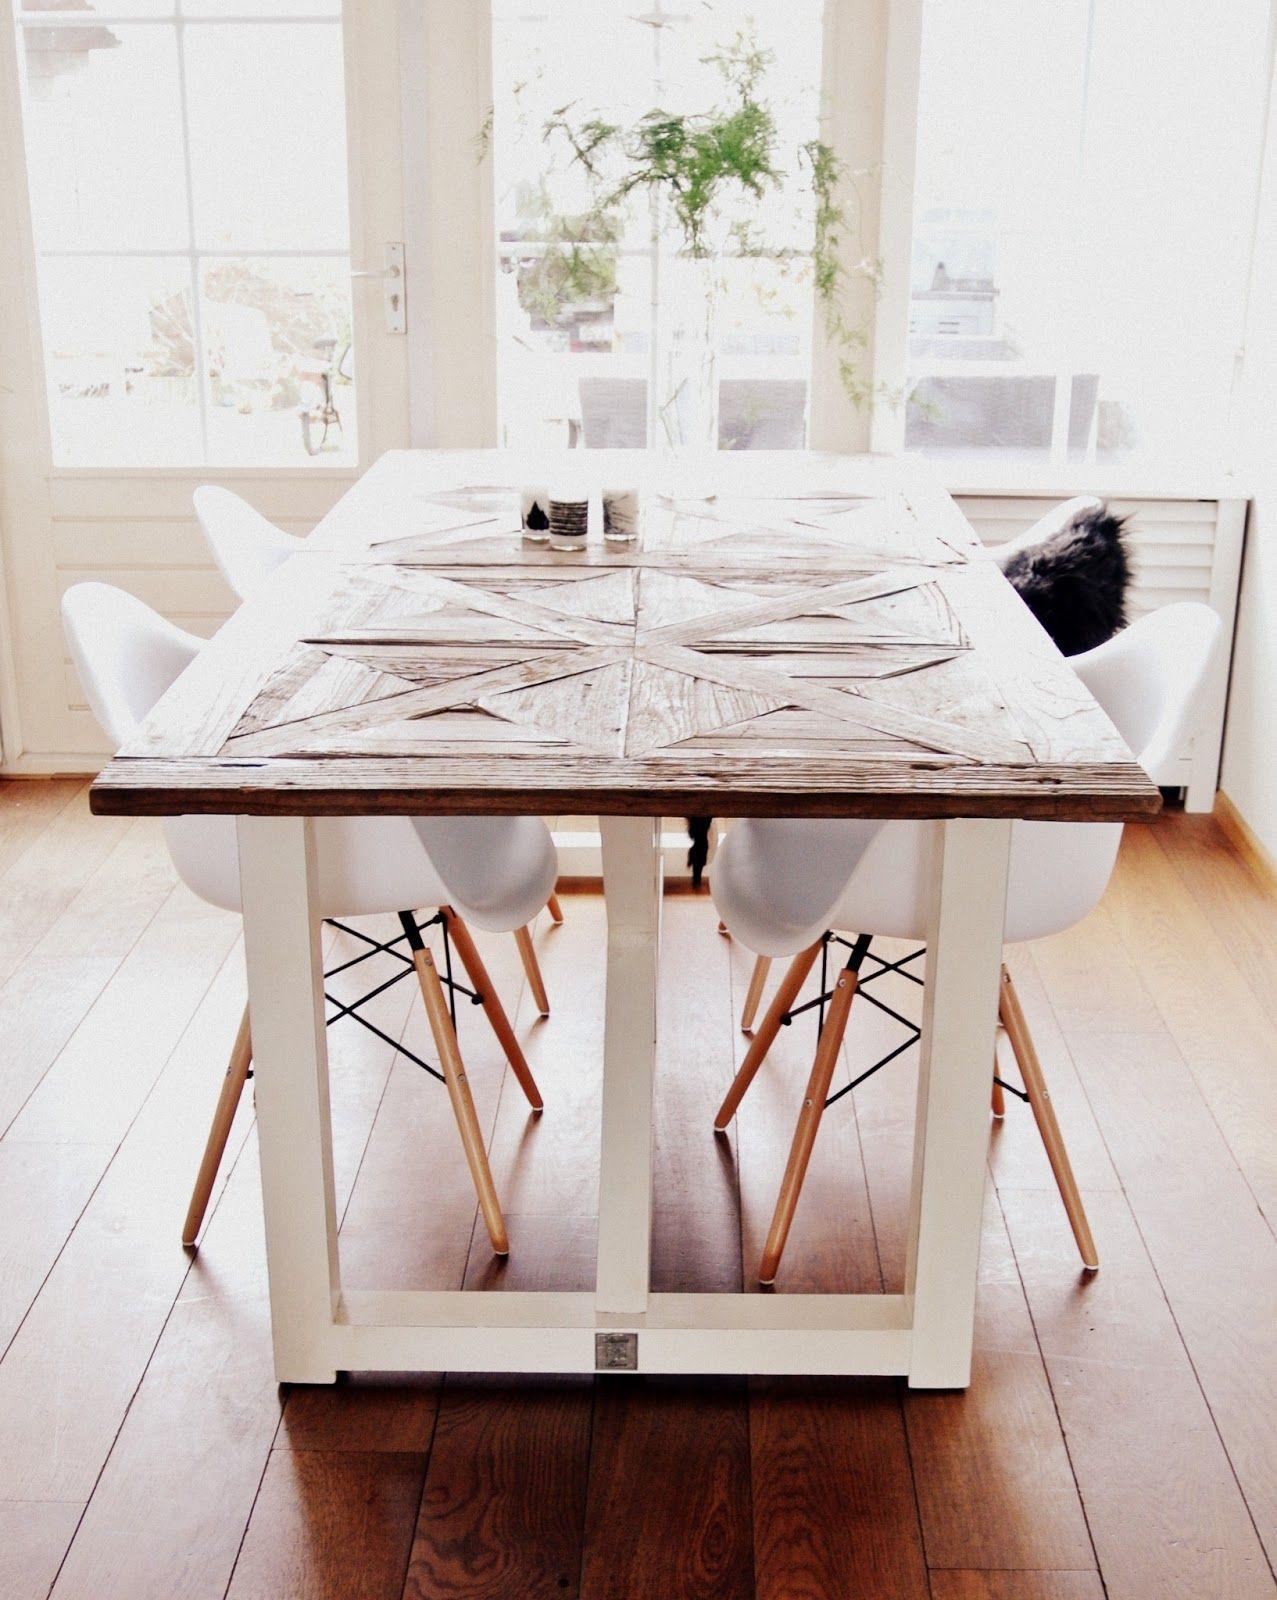 Pin Van Teresa Rohm Op My Home My Blog Eettafel Stoel Rustieke Tafel Mooie Keuken